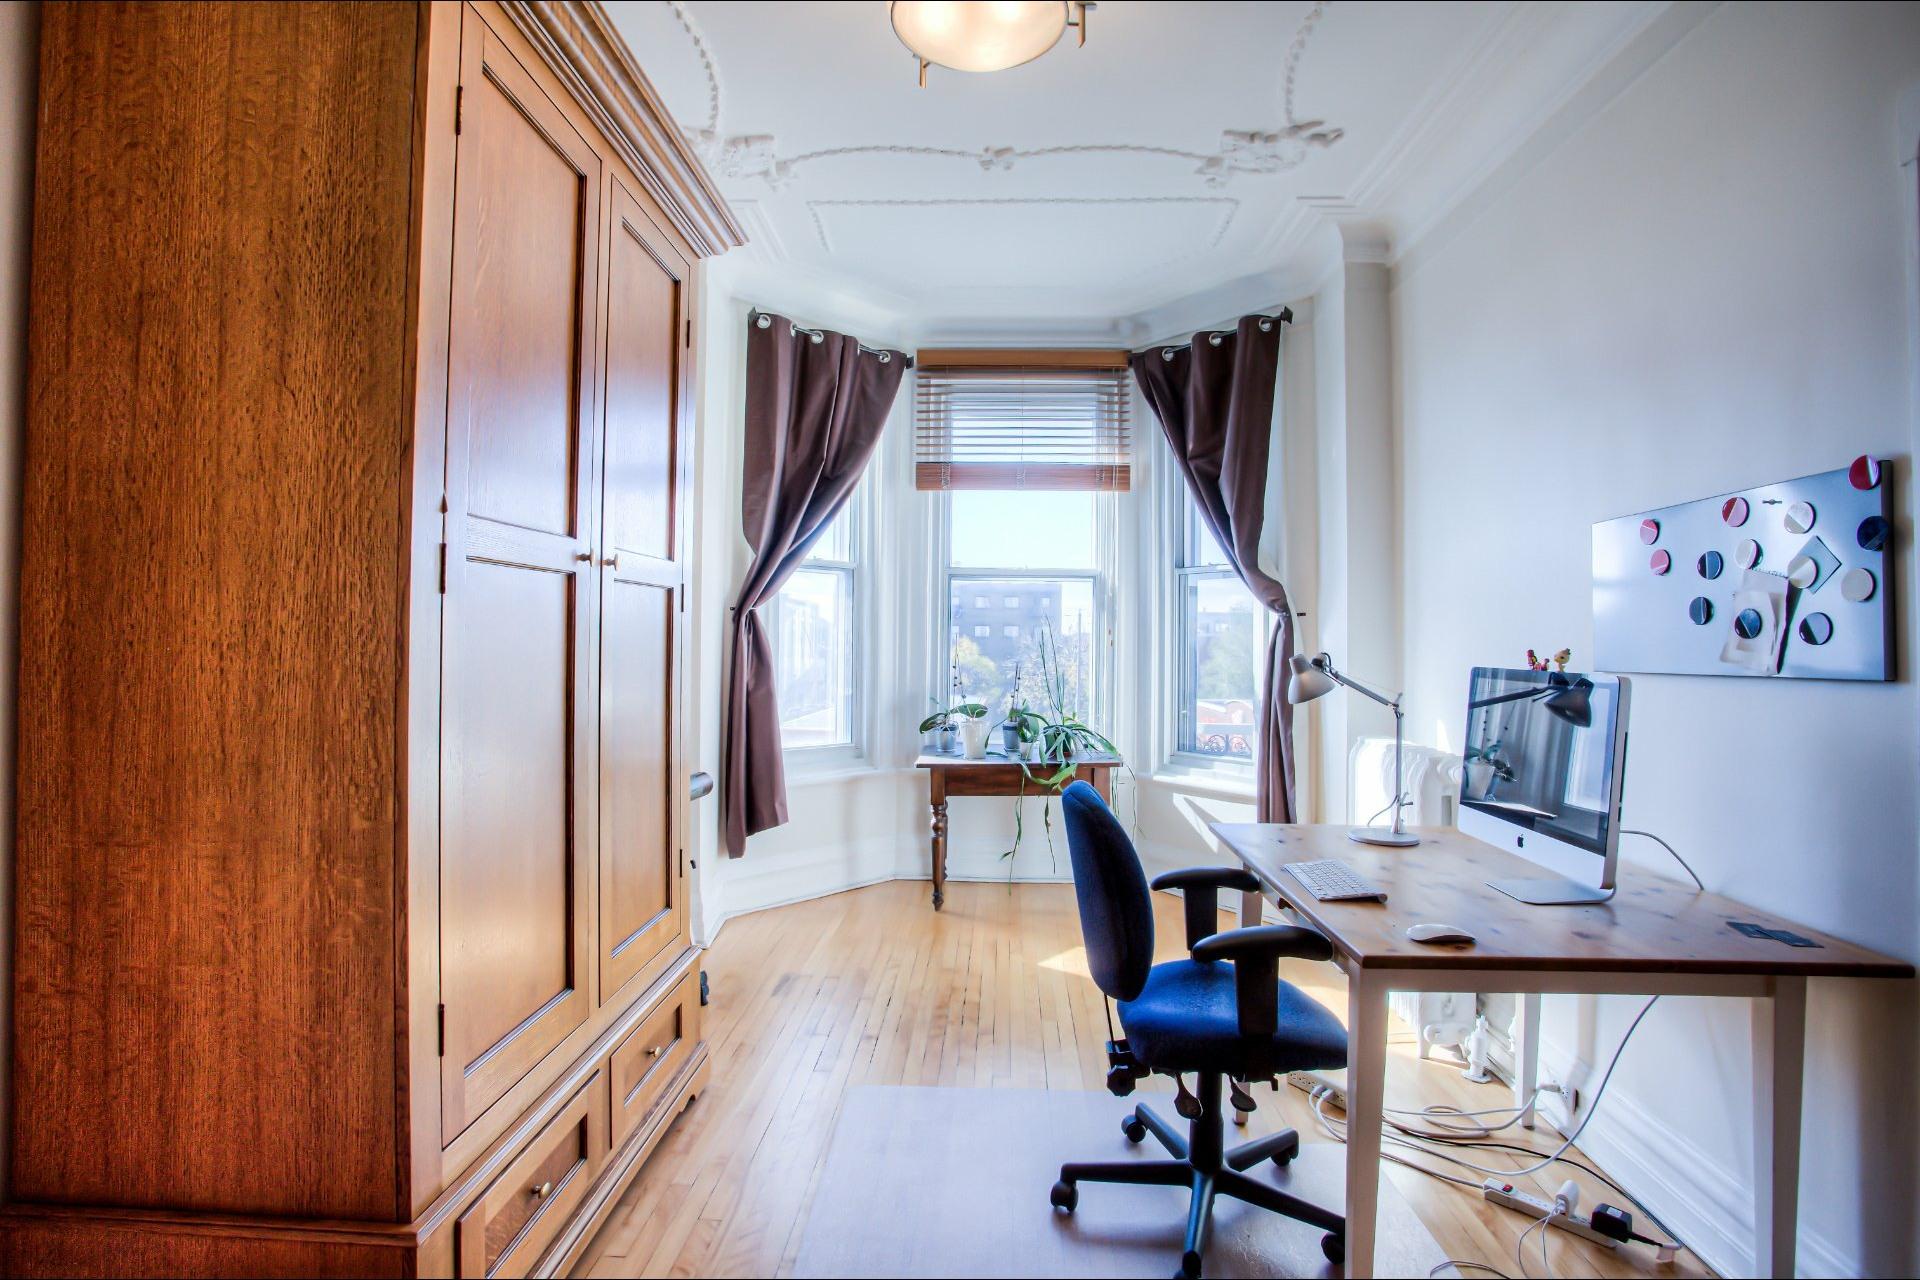 image 3 - Appartement À vendre Rosemont/La Petite-Patrie Montréal  - 8 pièces